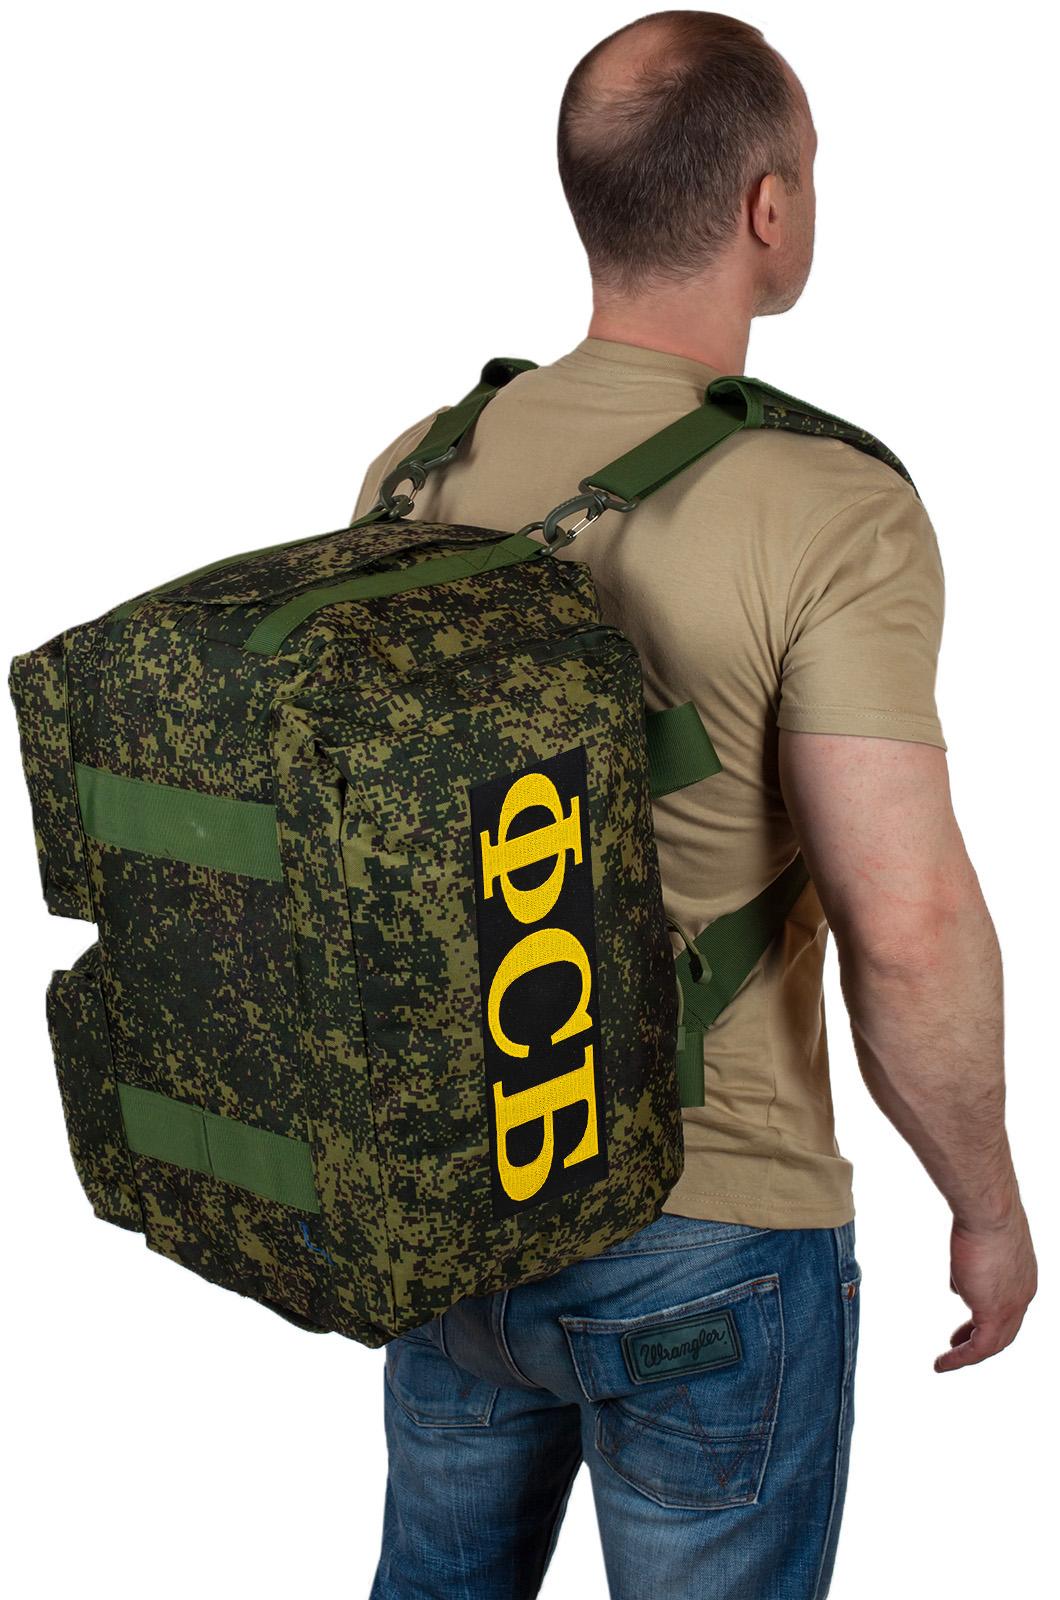 Купить армейскую пиксельную сумку ФСБ по выгодной цене